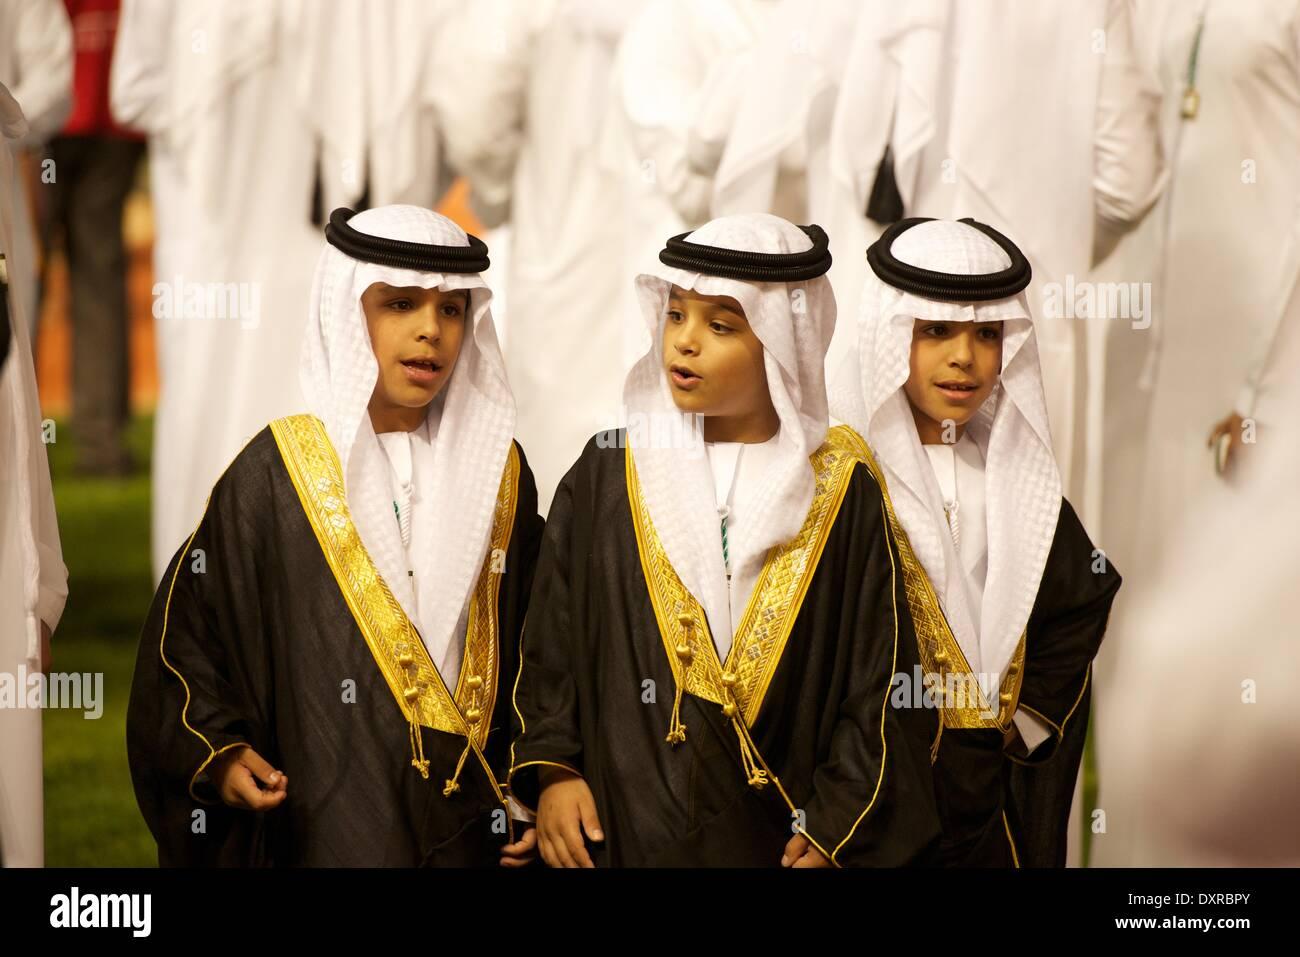 Meydan Racecourse, Dubai, Vereinigte Arabische Emirate. 29. März 2014. Drei junge Prinzen grüßen Stockbild